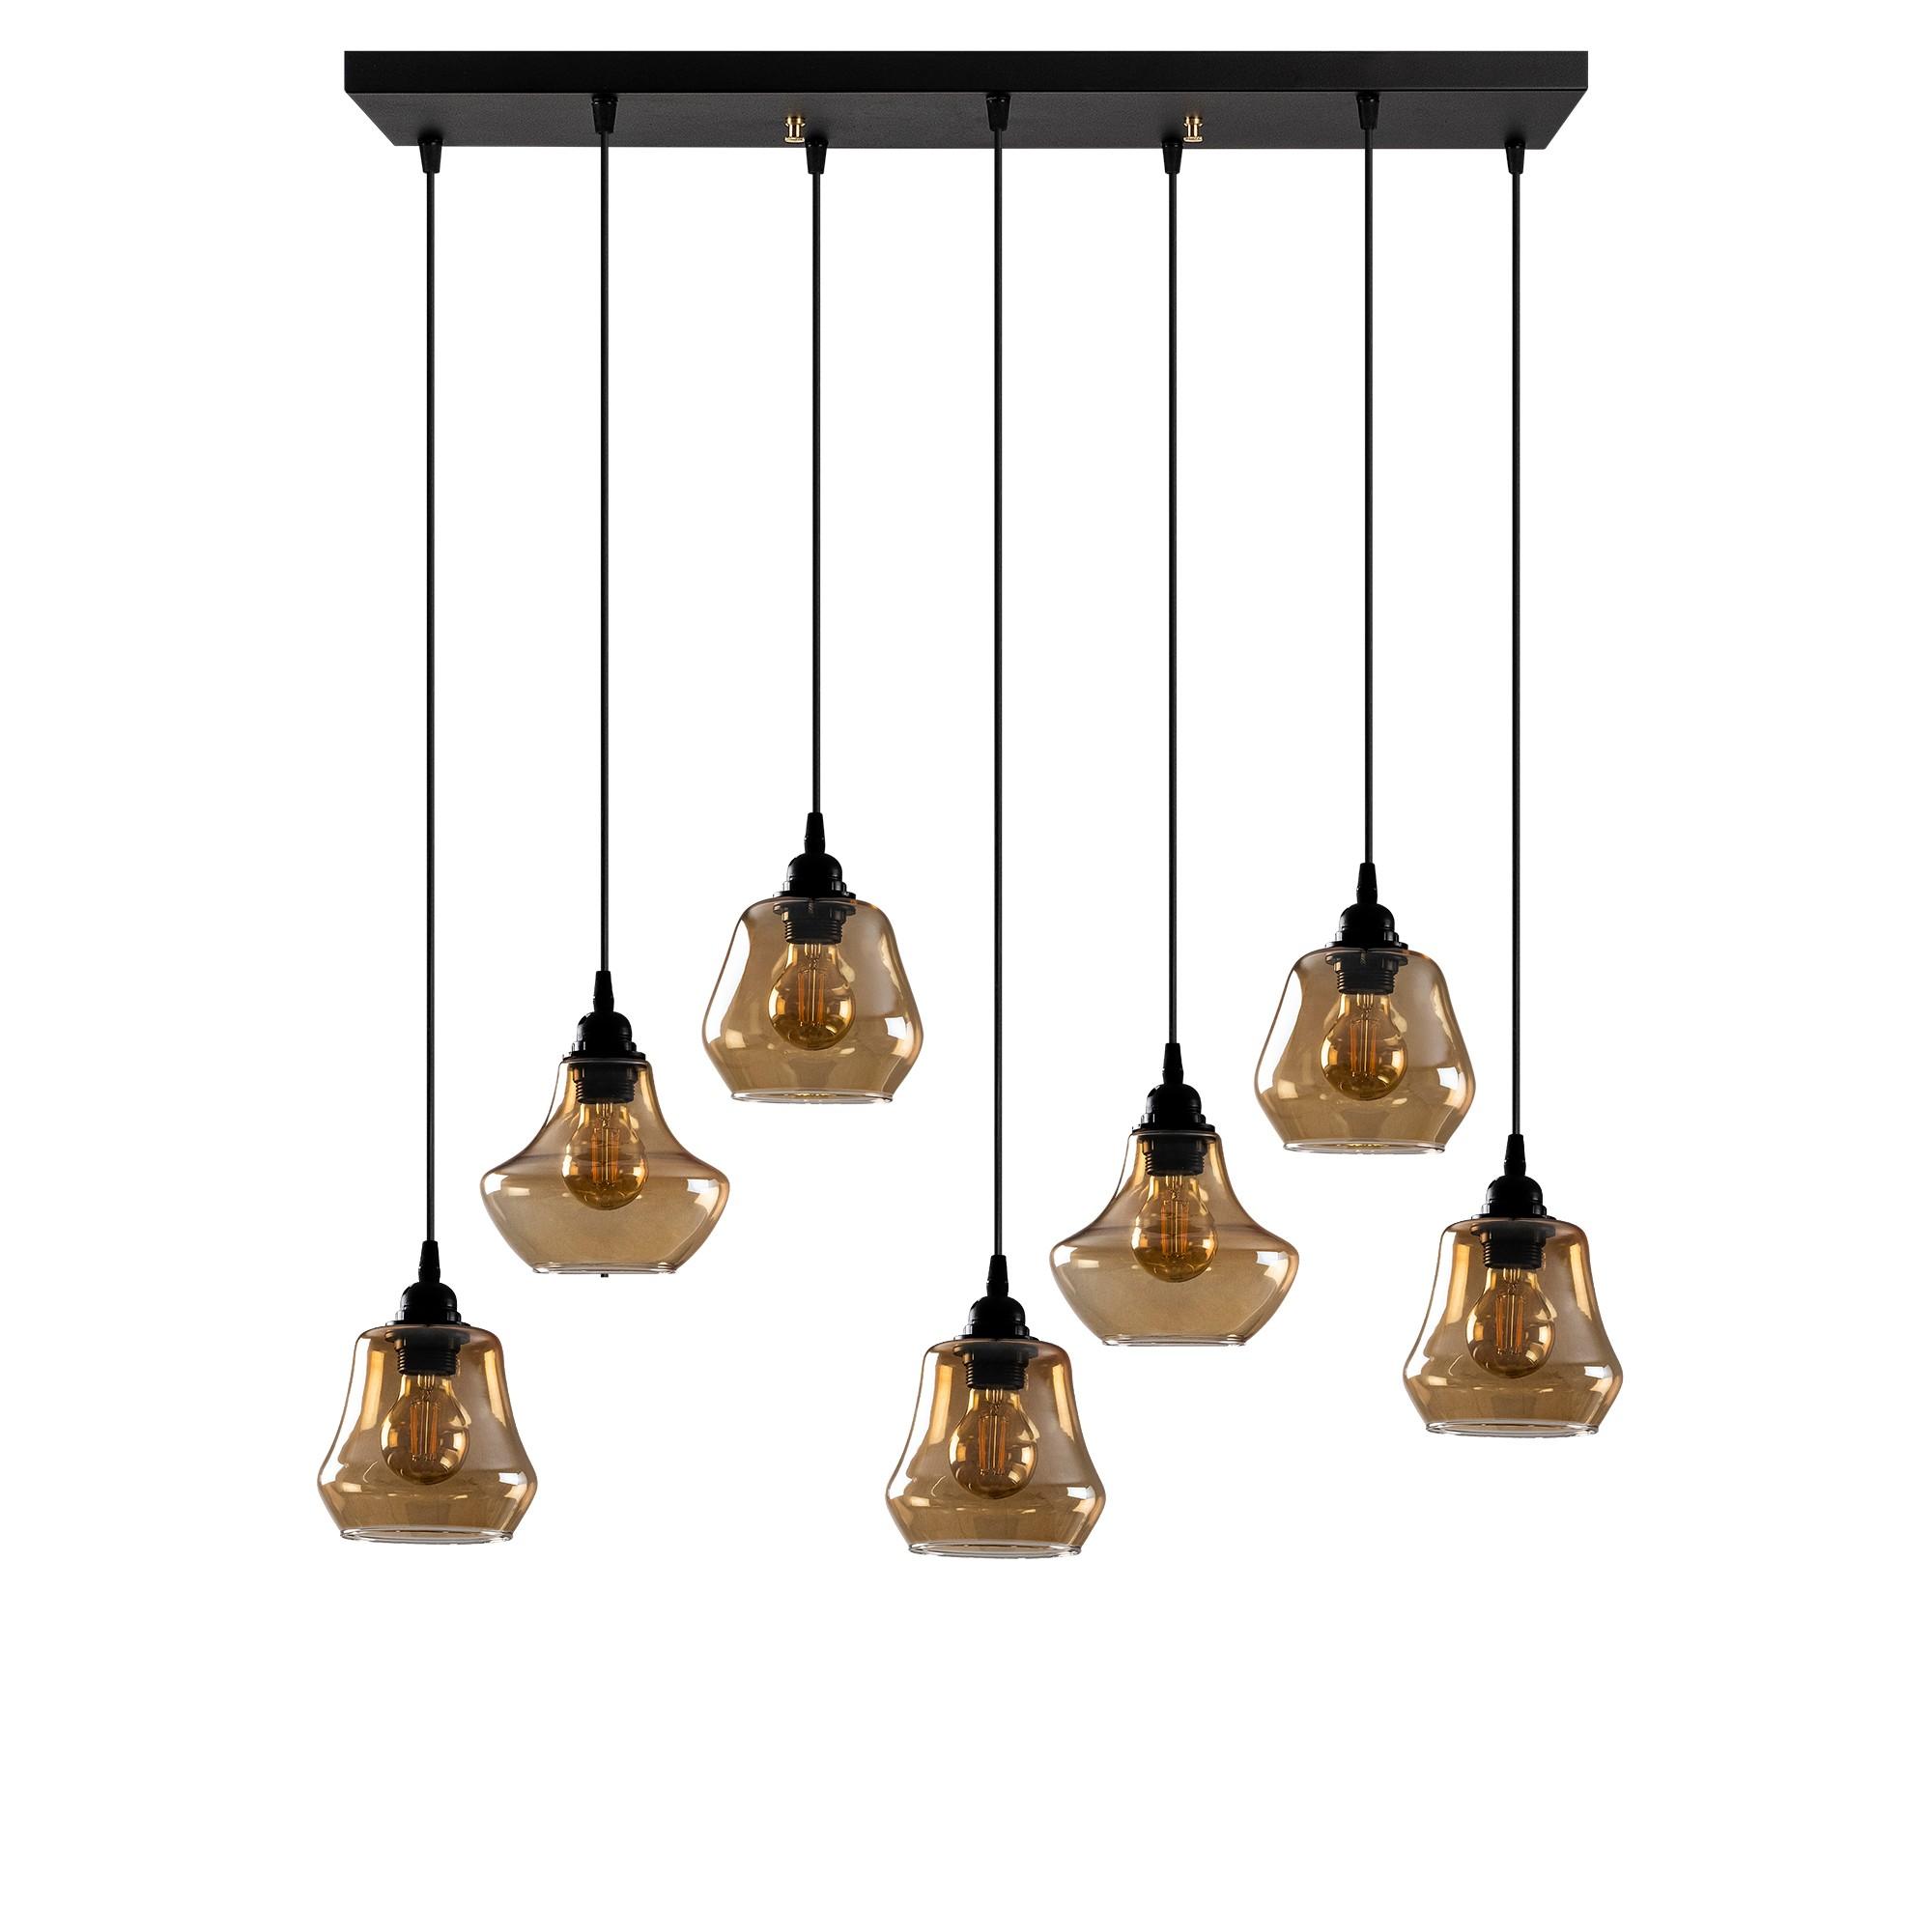 Hanglamp langwerpig modern, gouden glas E27 fitting 7 x - vooraanzicht lampen uit